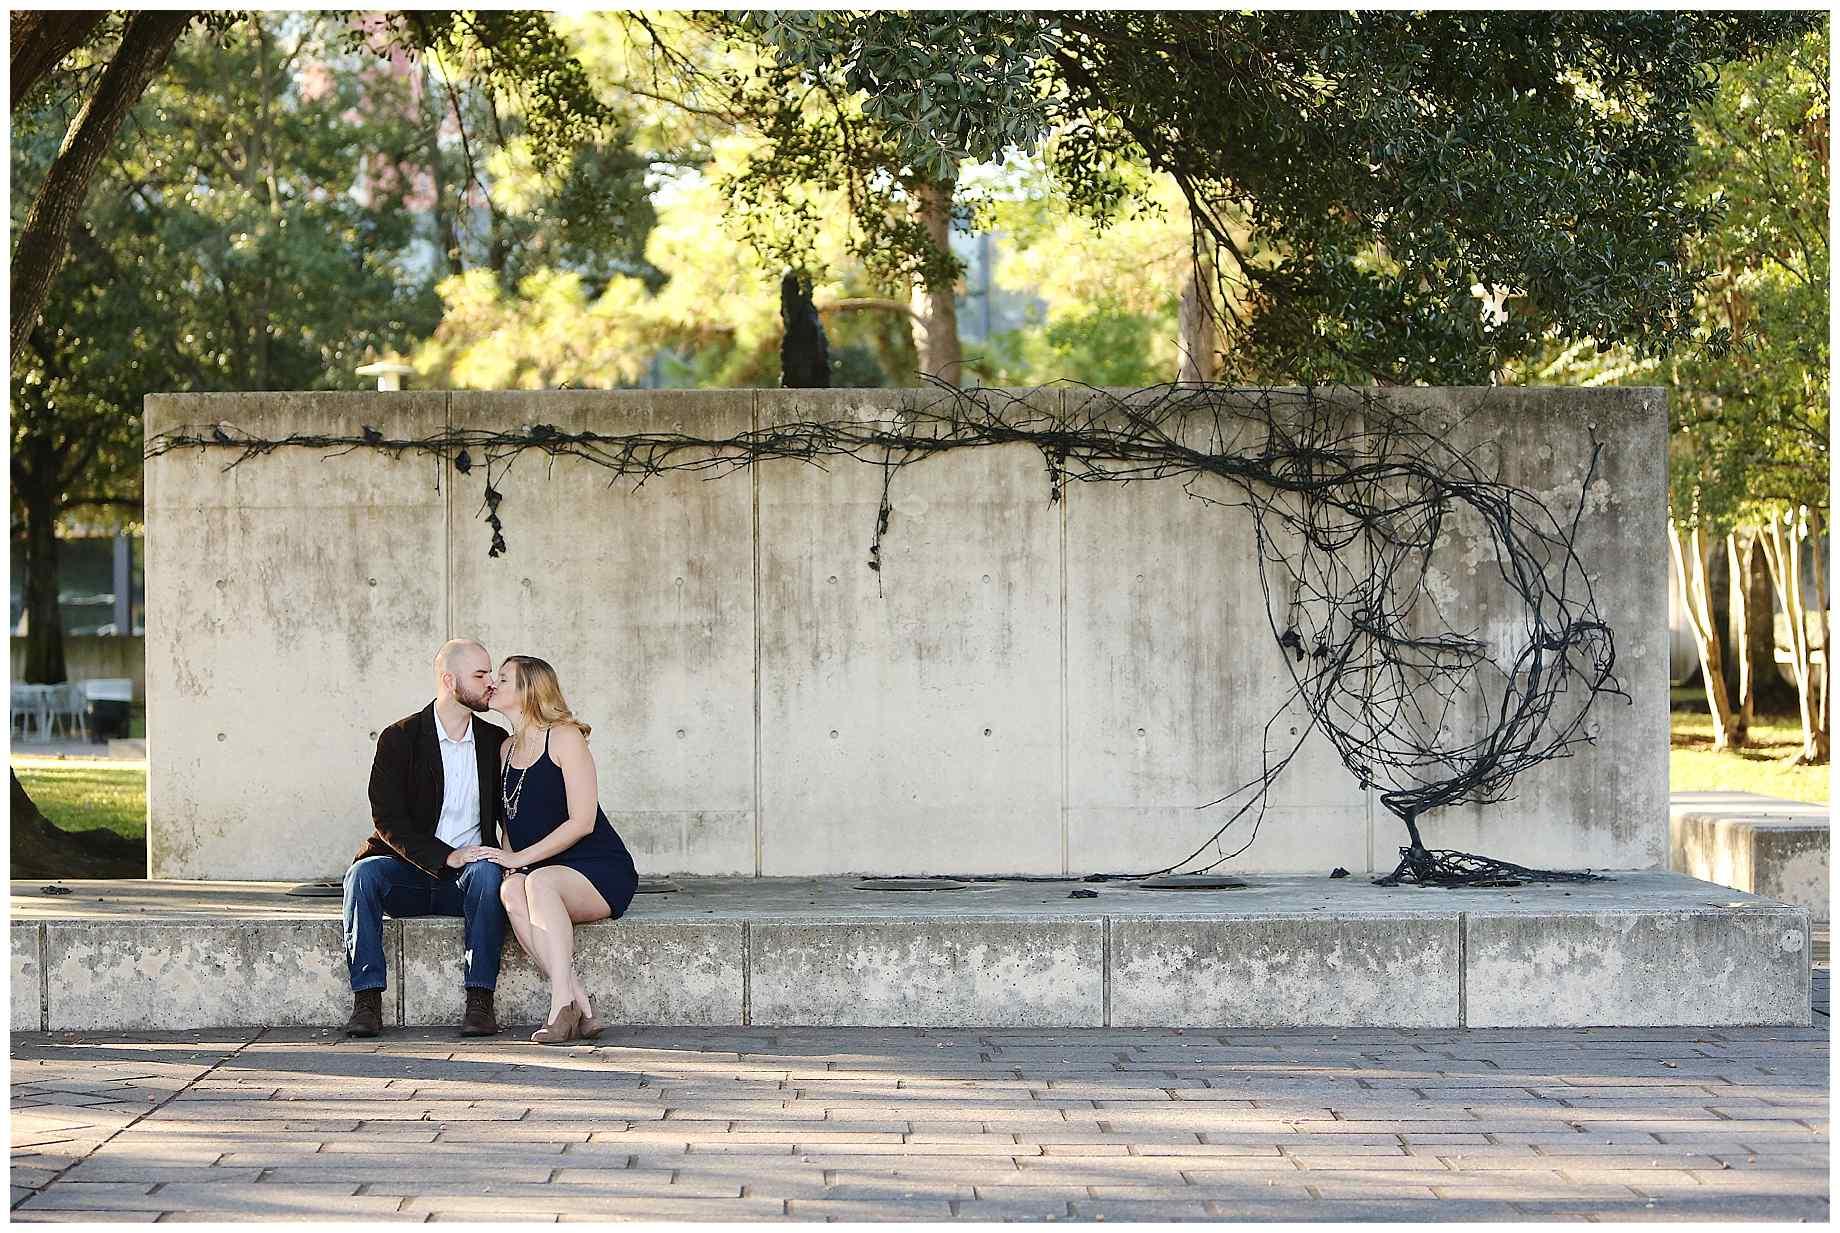 cullen-sculpture-garden-engagement-photos-004